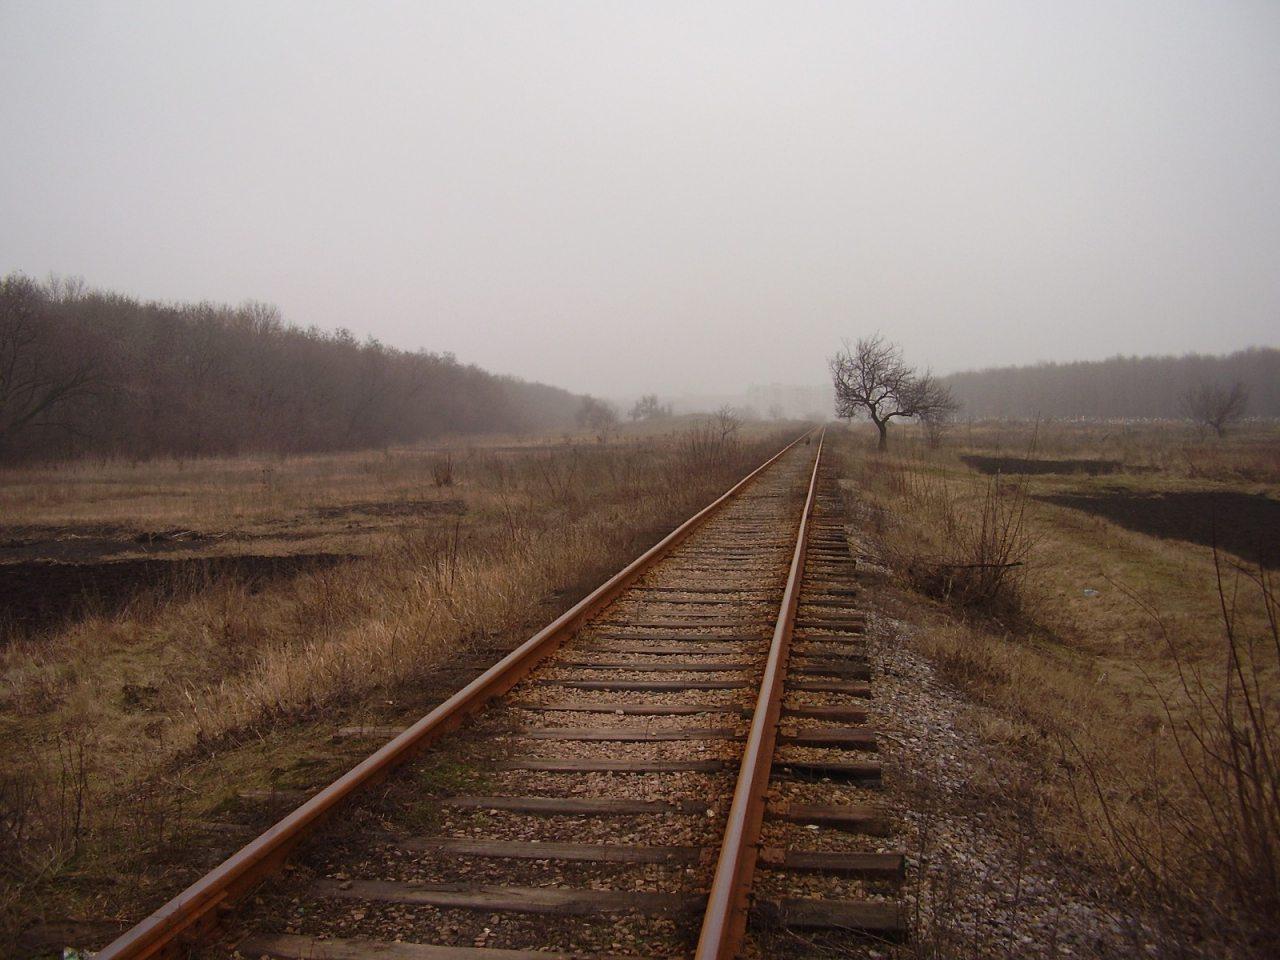 картинки железная дорога